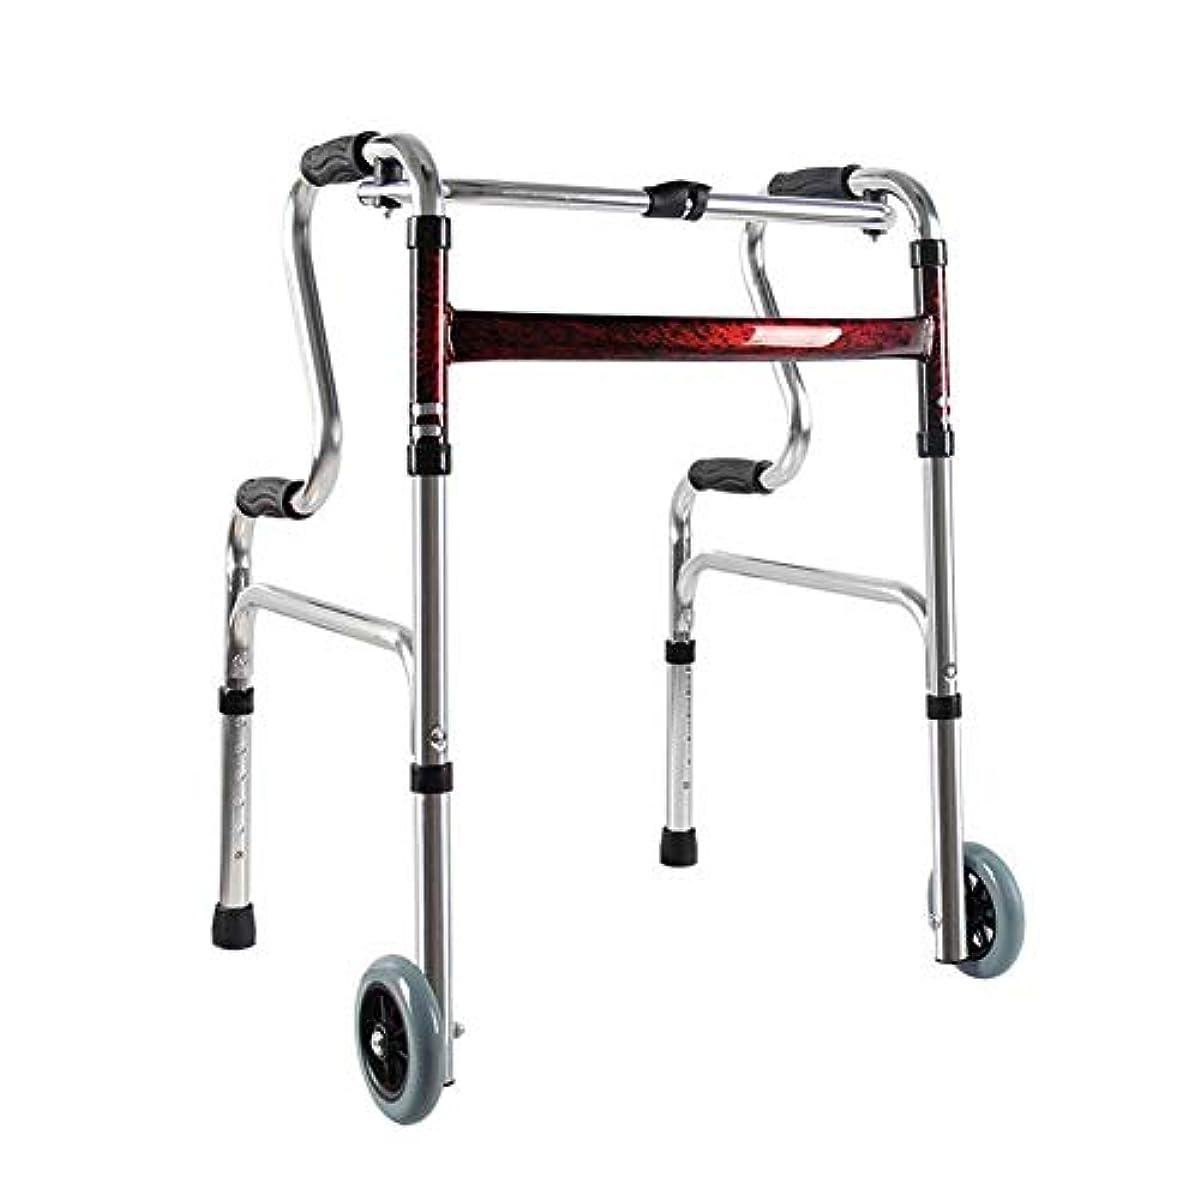 飽和するメンターブランド歩くフレーム、アルミニウムウォーカーの調節可能な高さの移動性サポートRollat??or (Color : ColorA)